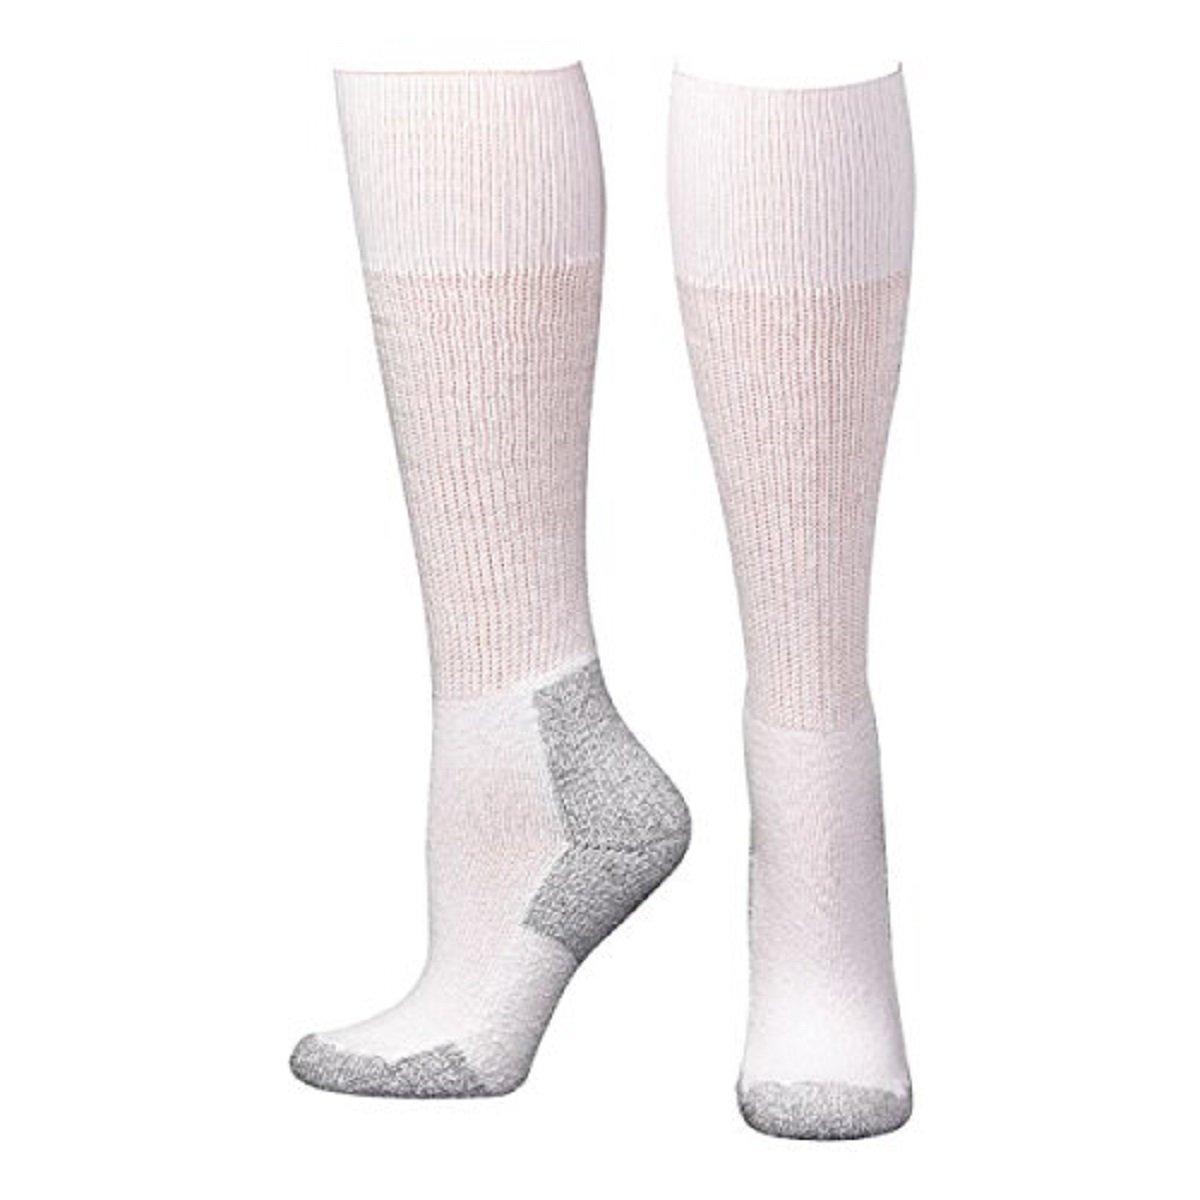 Boot Doctor Men's Over The Calf Socks 3-Pack White Large